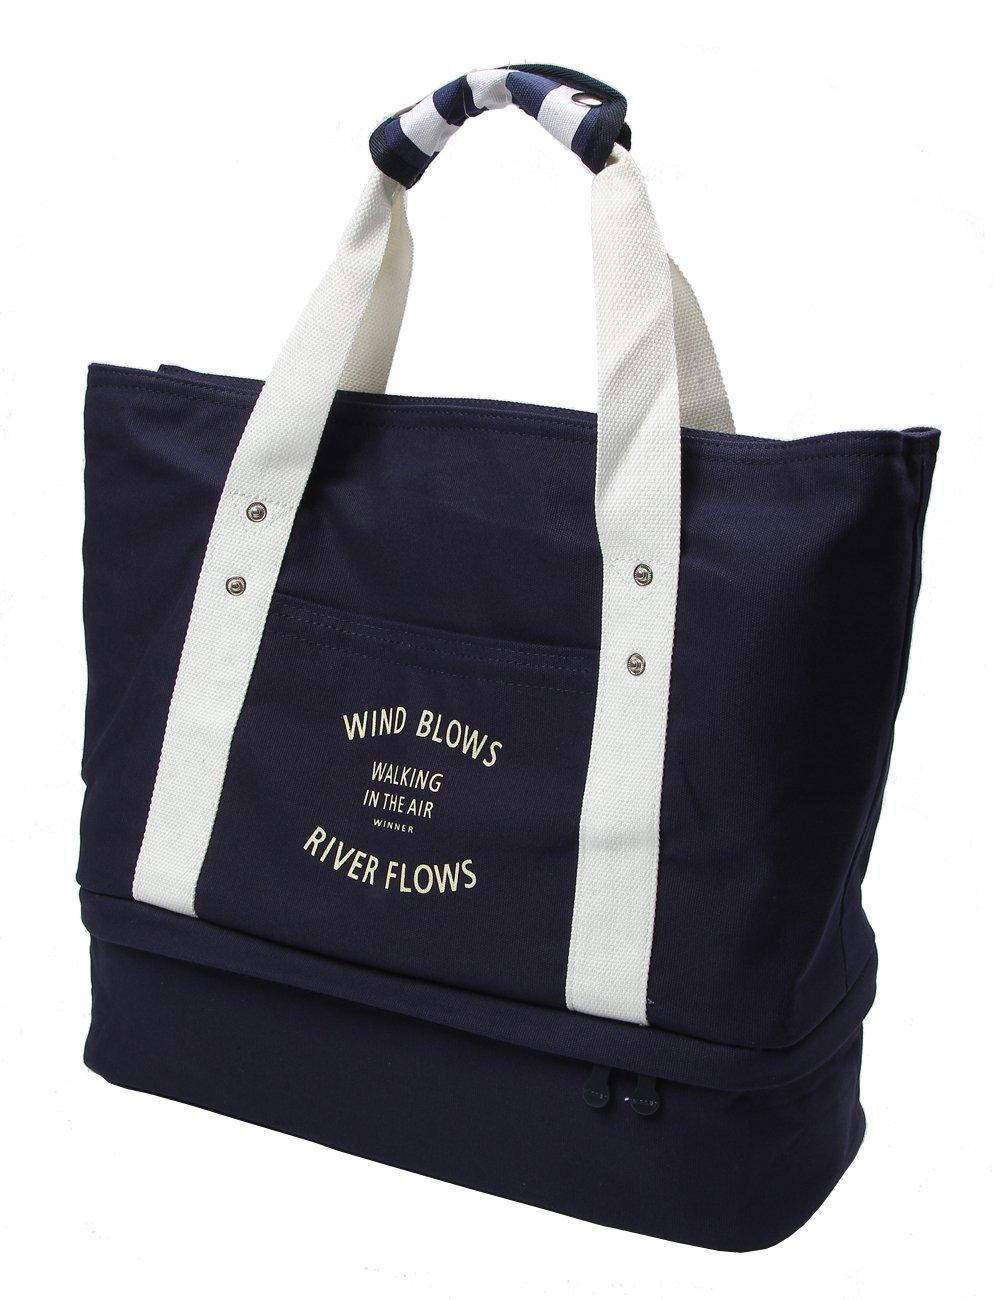 iSuperb Travel Bag Canvas Large-Size Handbag Carry-On Shoulder Tote Duffel Bag (Dark Blue)